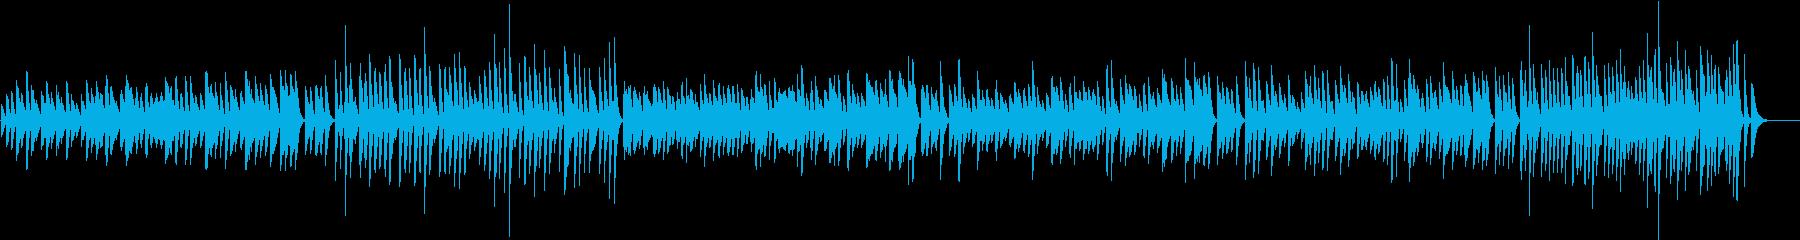 お料理動画に♪気楽な可愛いピアノBGMの再生済みの波形